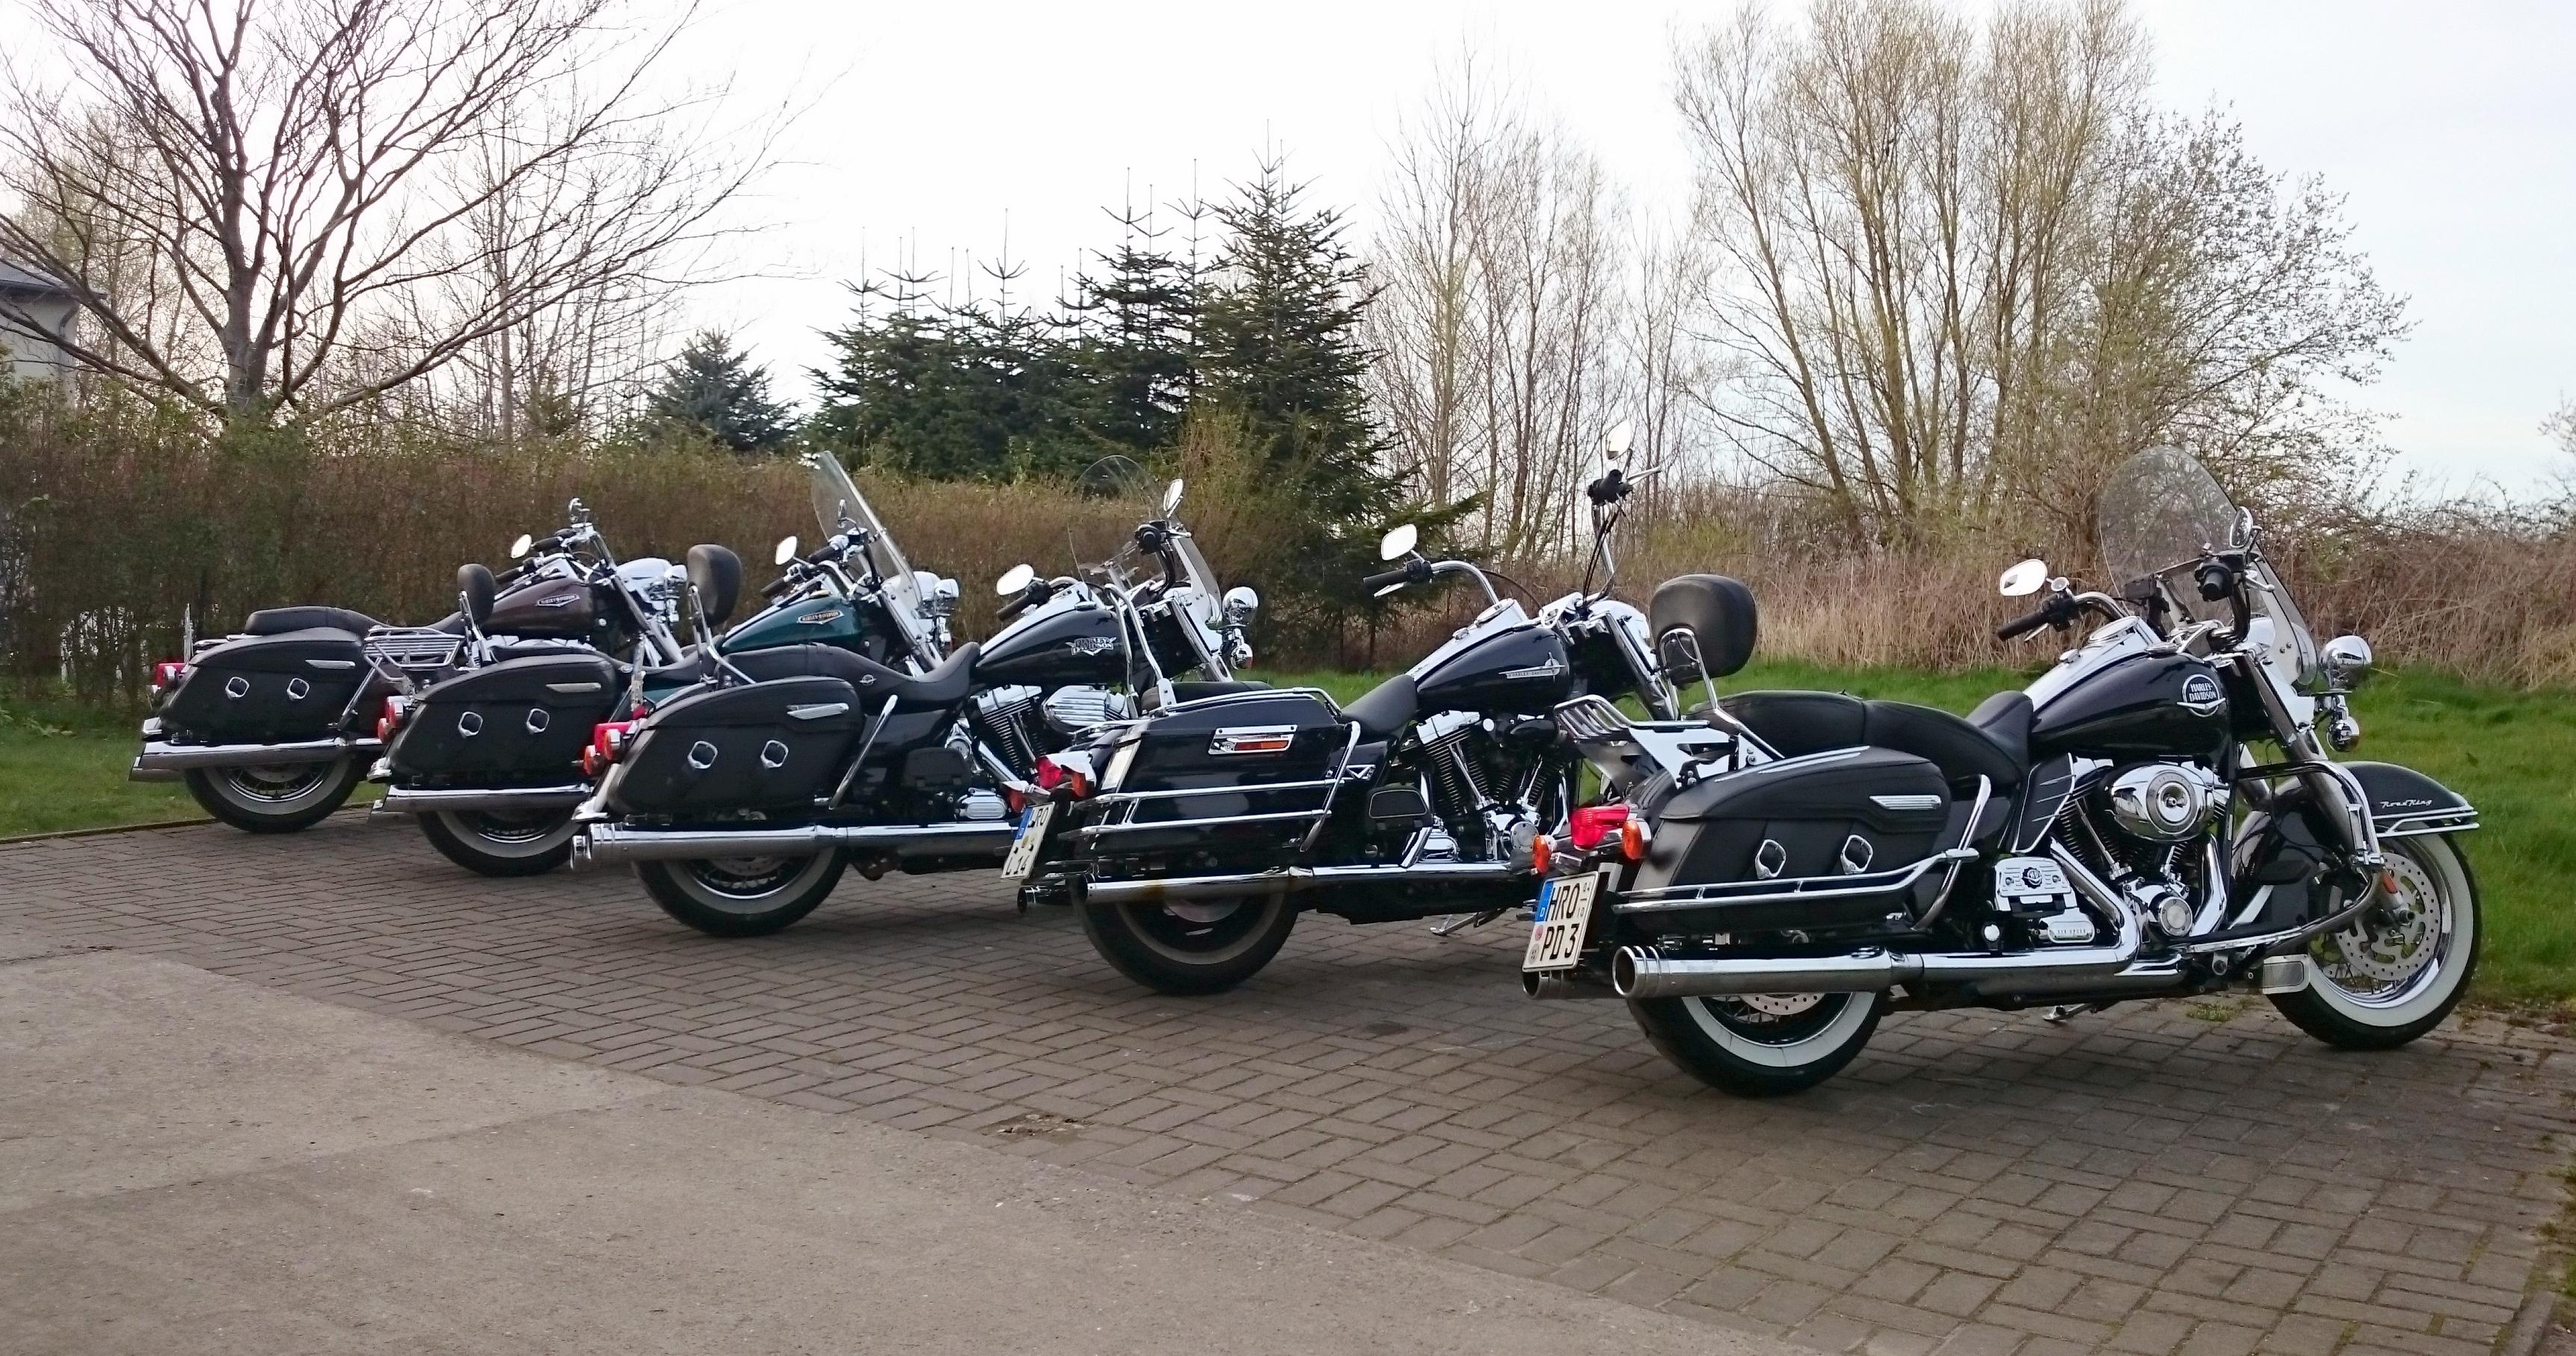 road king parade v2 motorcycles blog harley davidson. Black Bedroom Furniture Sets. Home Design Ideas